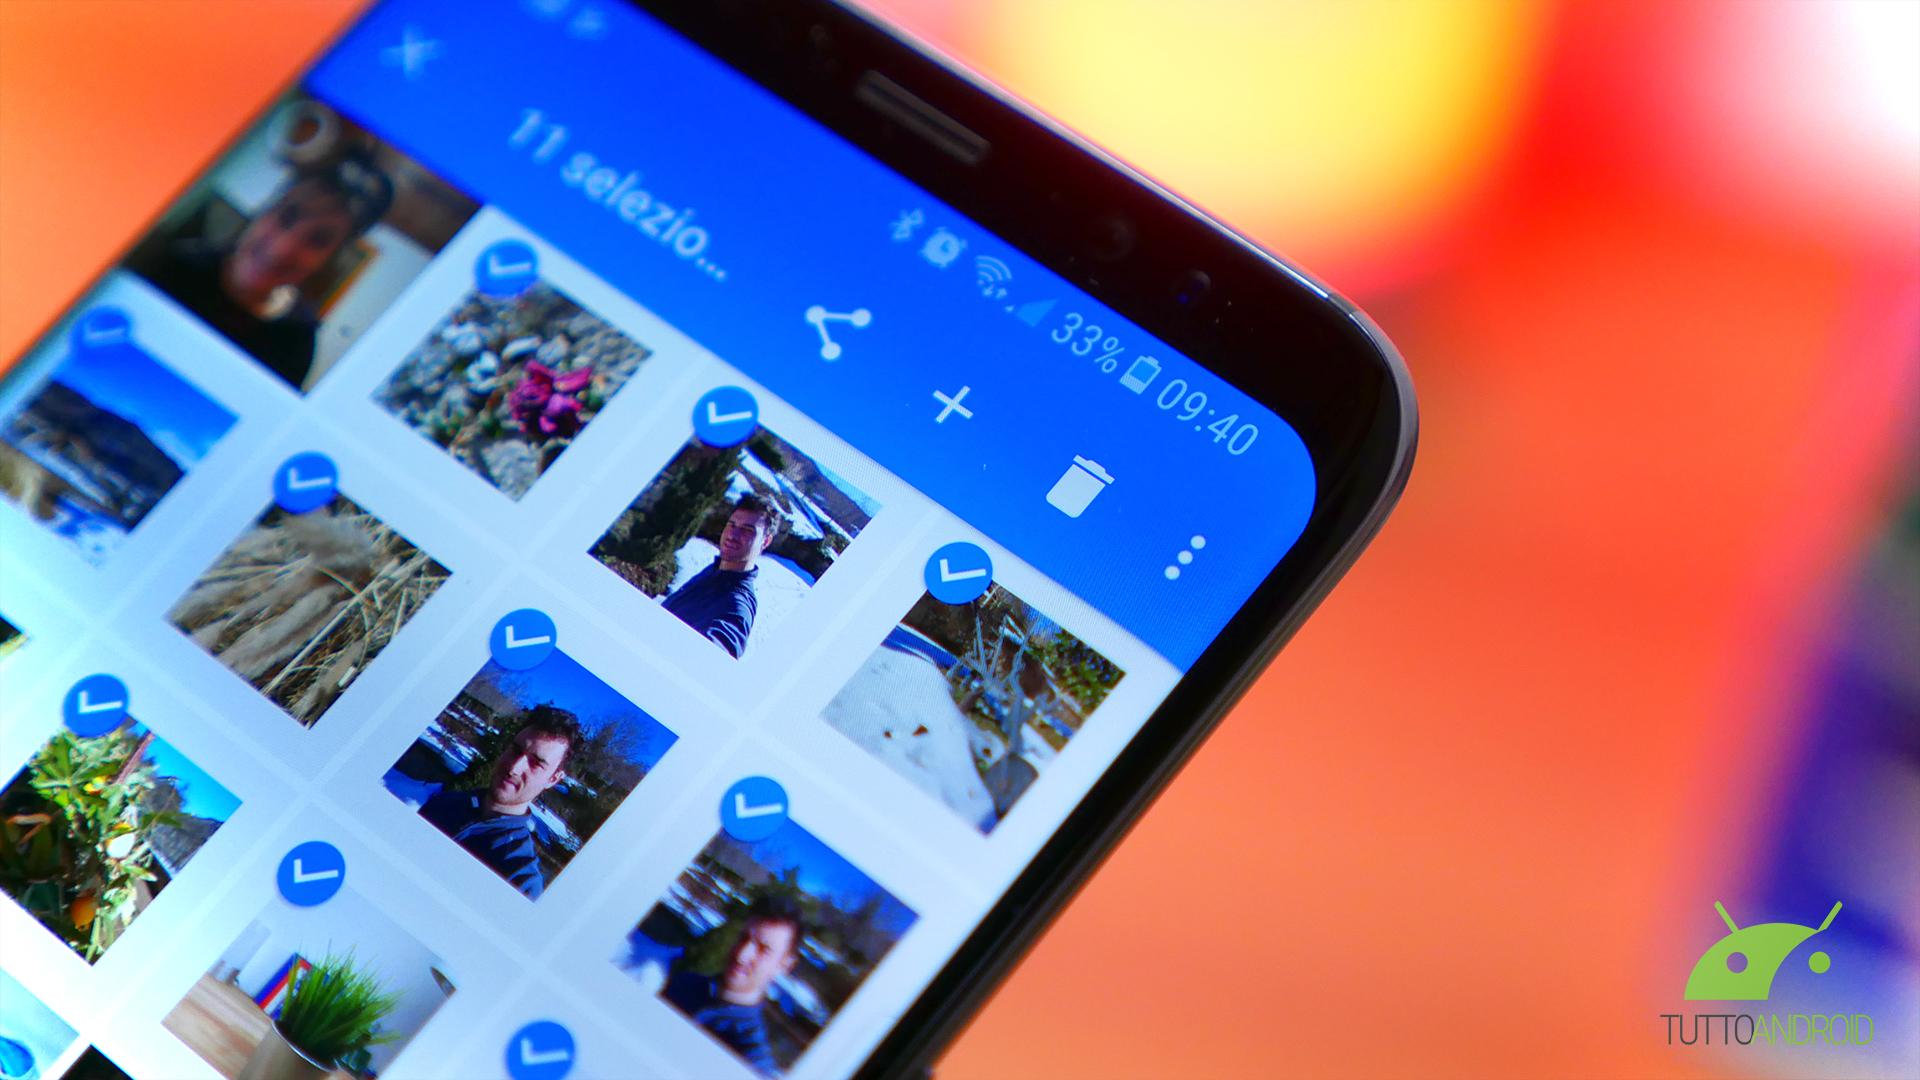 Foto Video E File Cancellati Per Sbaglio Su Android Ecco